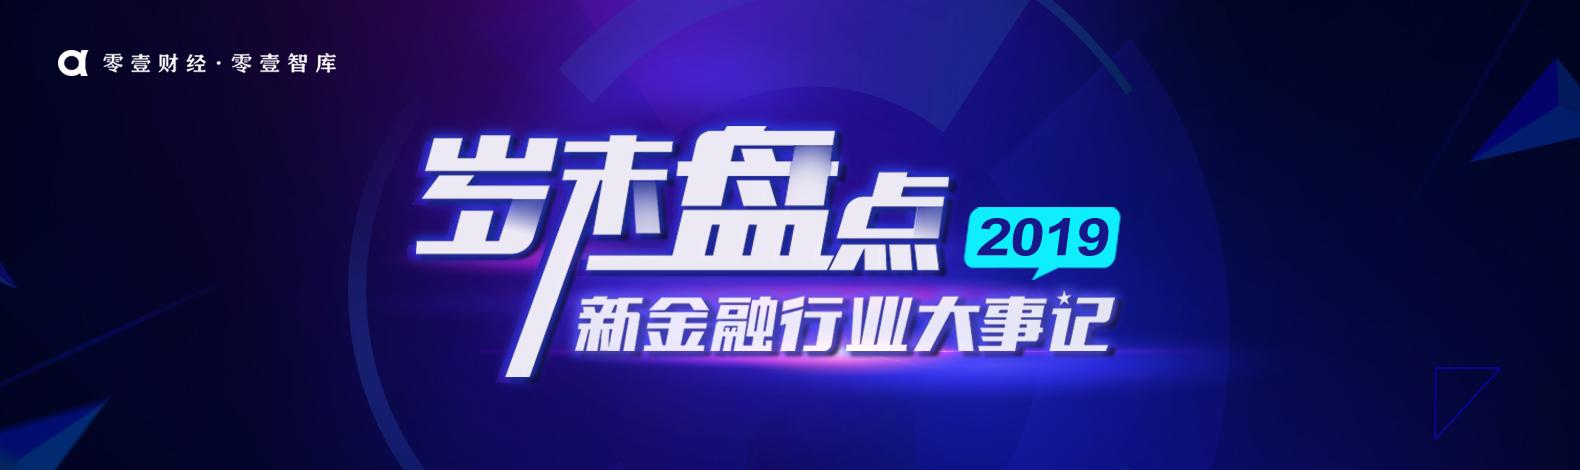 2019年新金融行业大事记